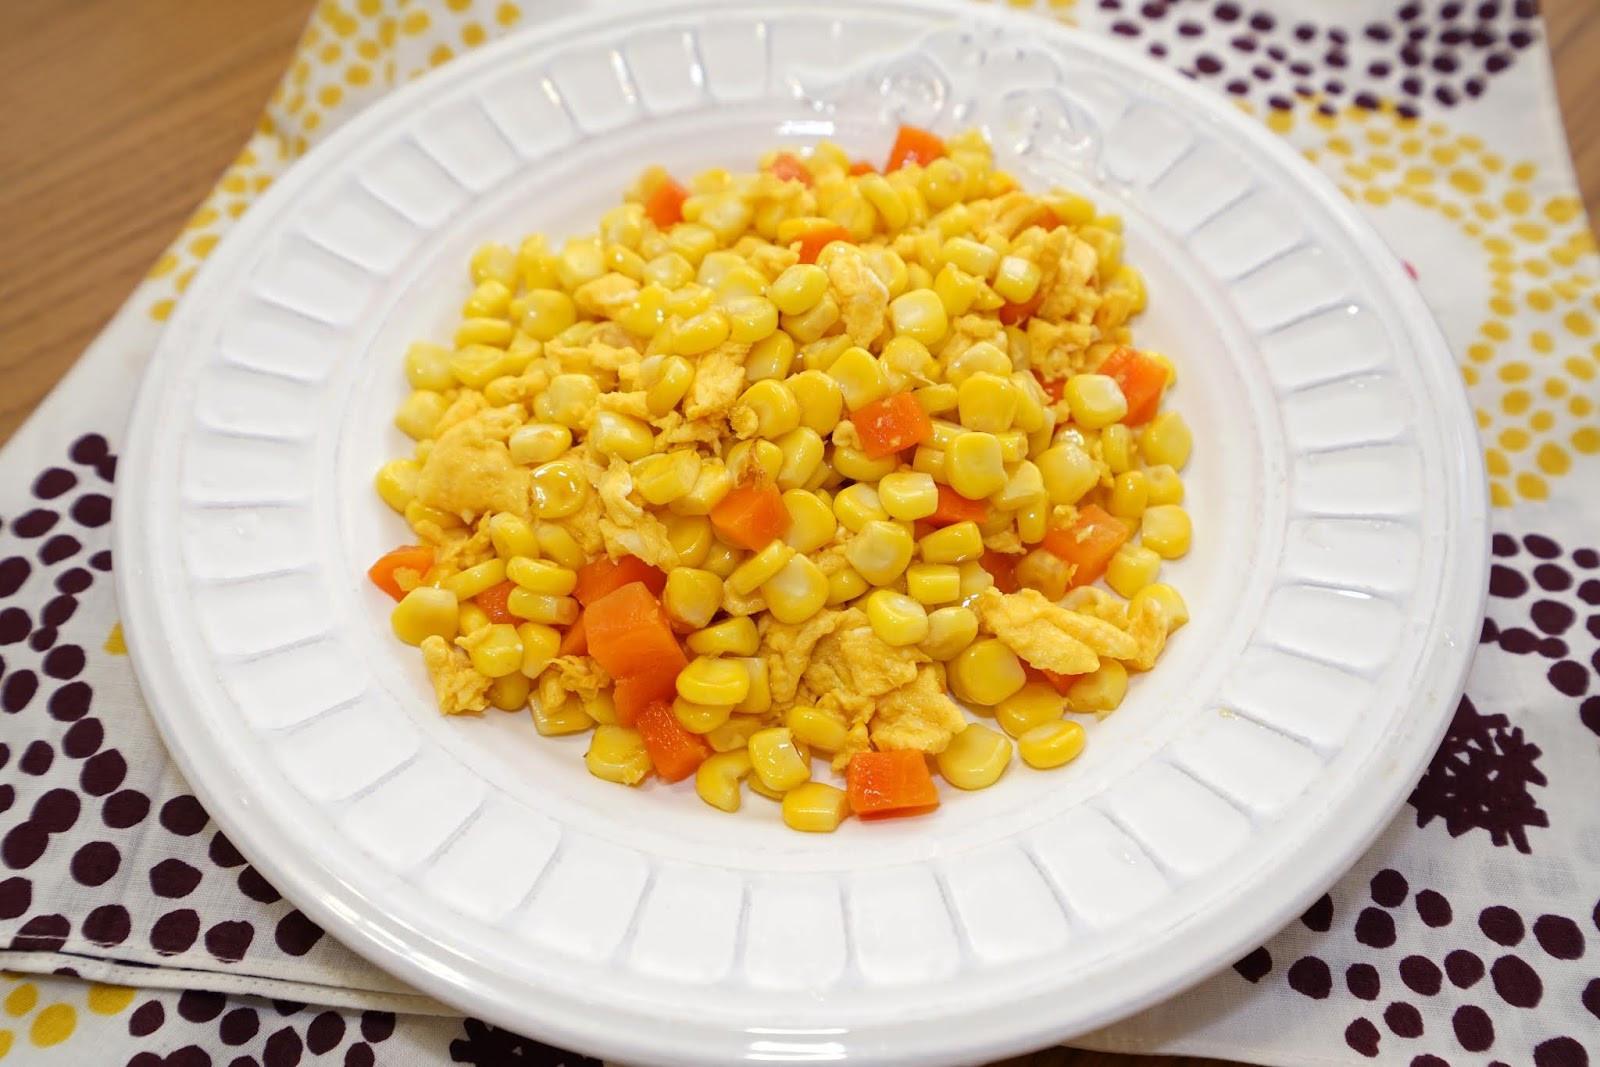 玉米紅蘿蔔炒蛋。美味便當菜料理